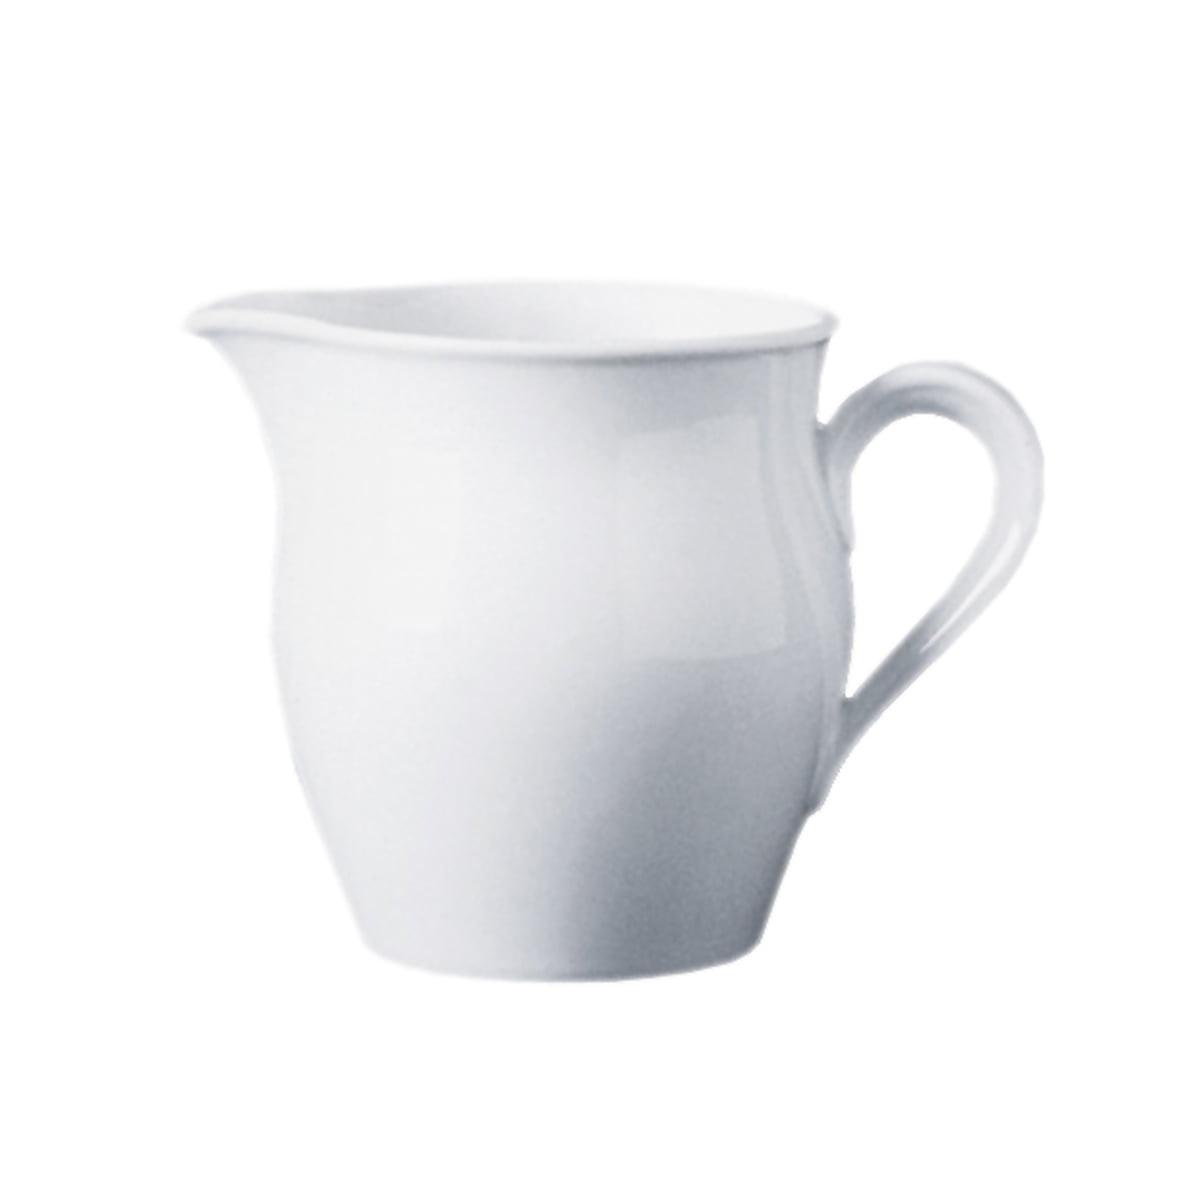 Wagenfeld - Milchkännchen, weiß